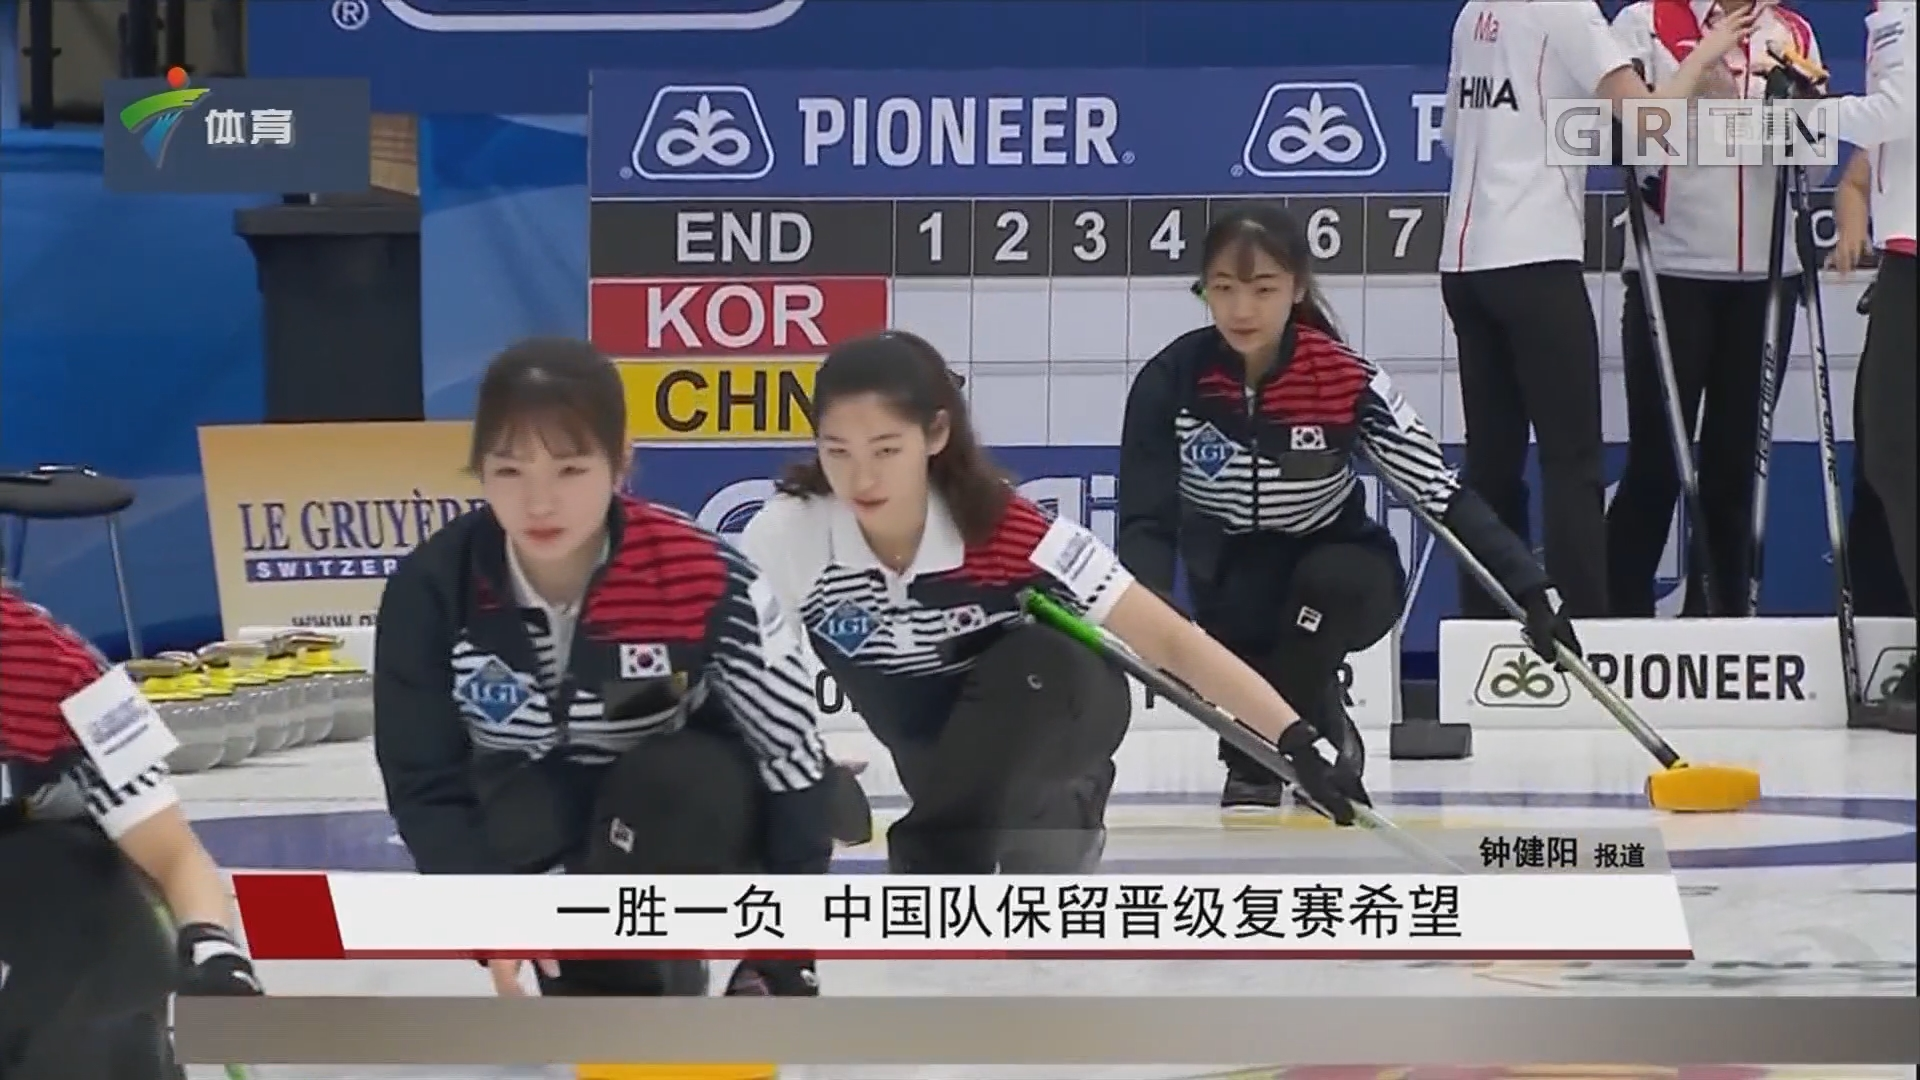 一胜一负 中国队保留晋级复赛希望